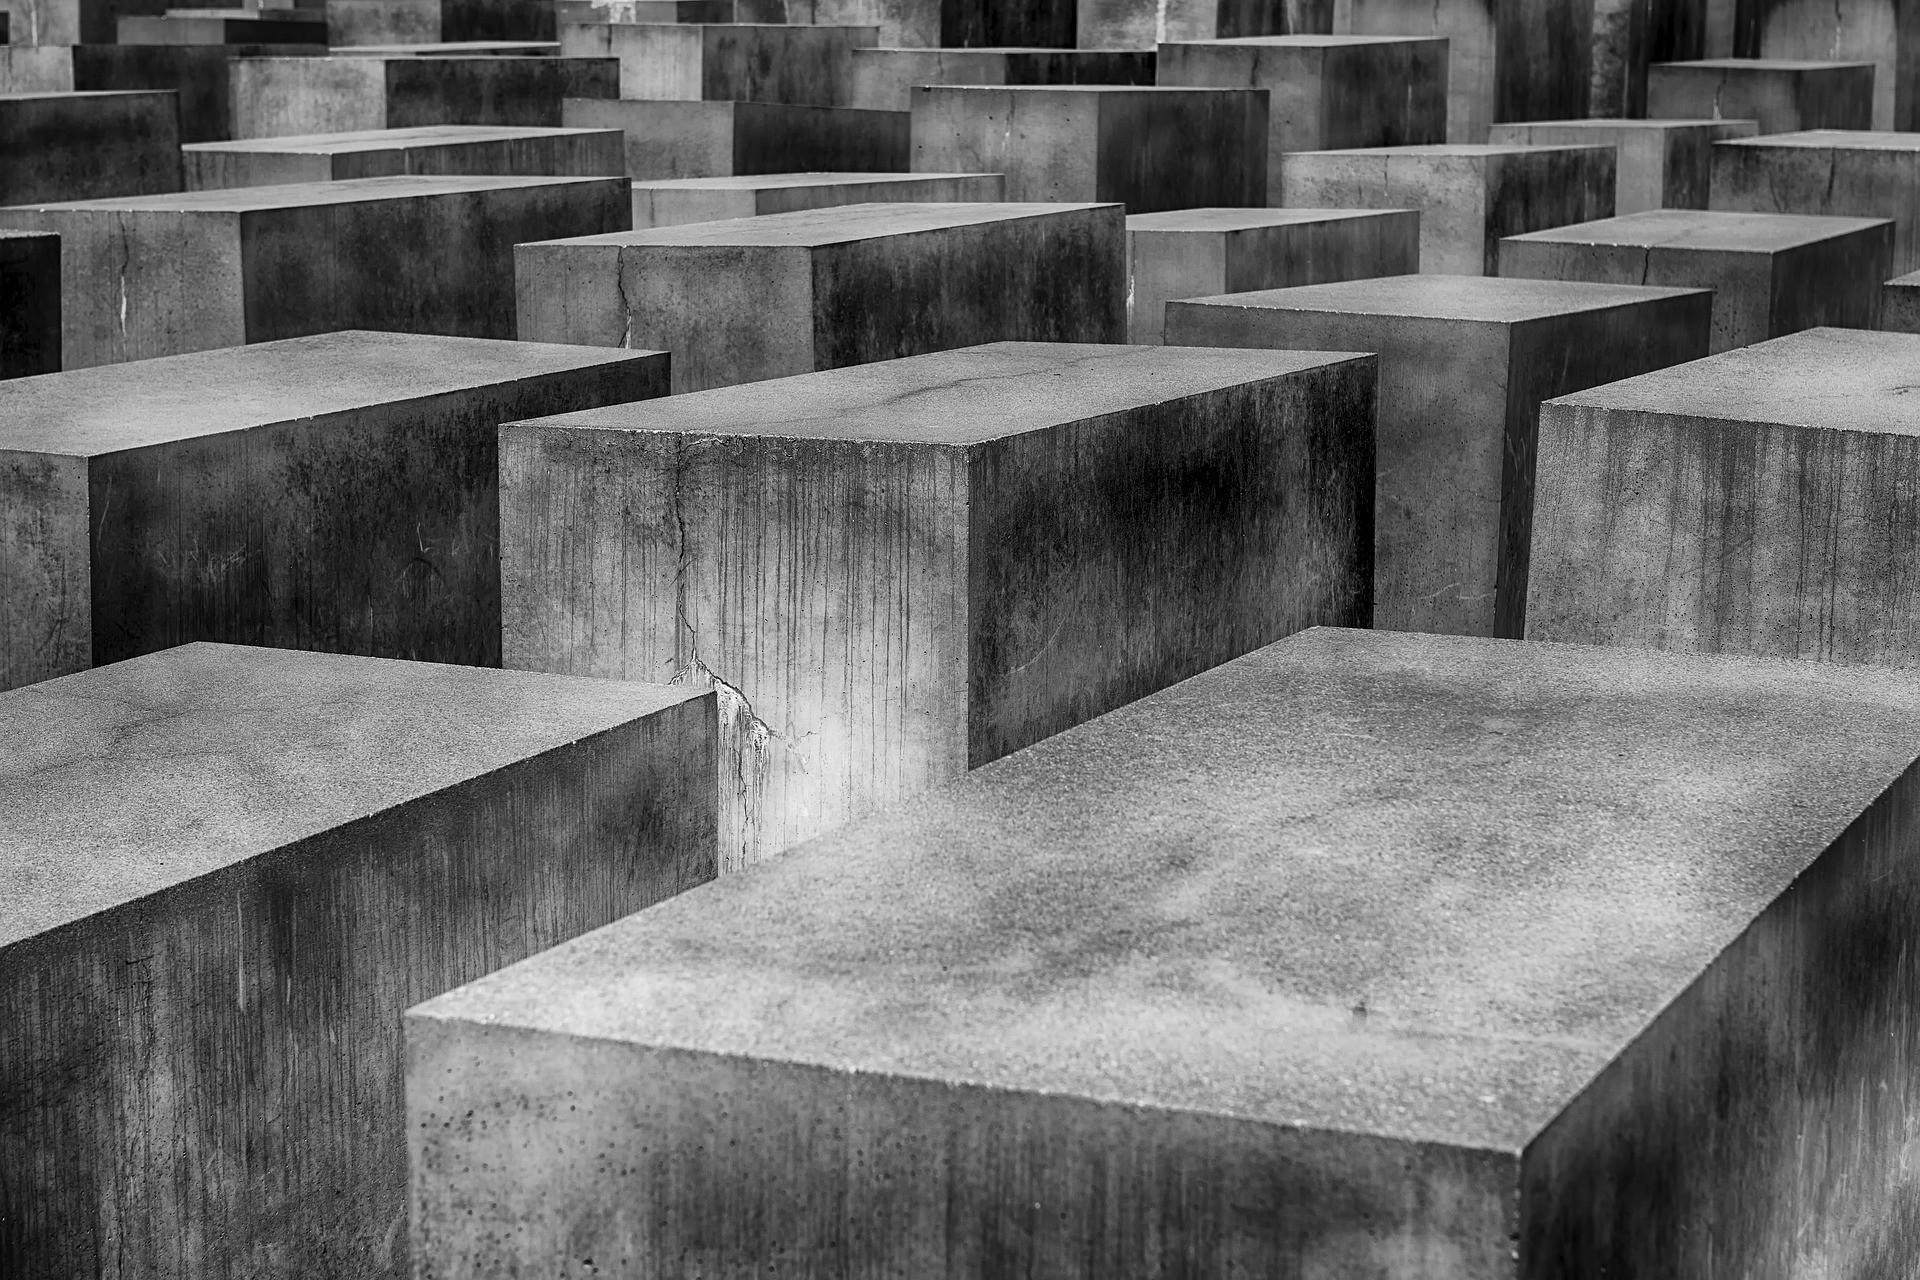 Berlino luoghi di interesse: Memoriale dell'Olocausto - Foto di Markus Christ